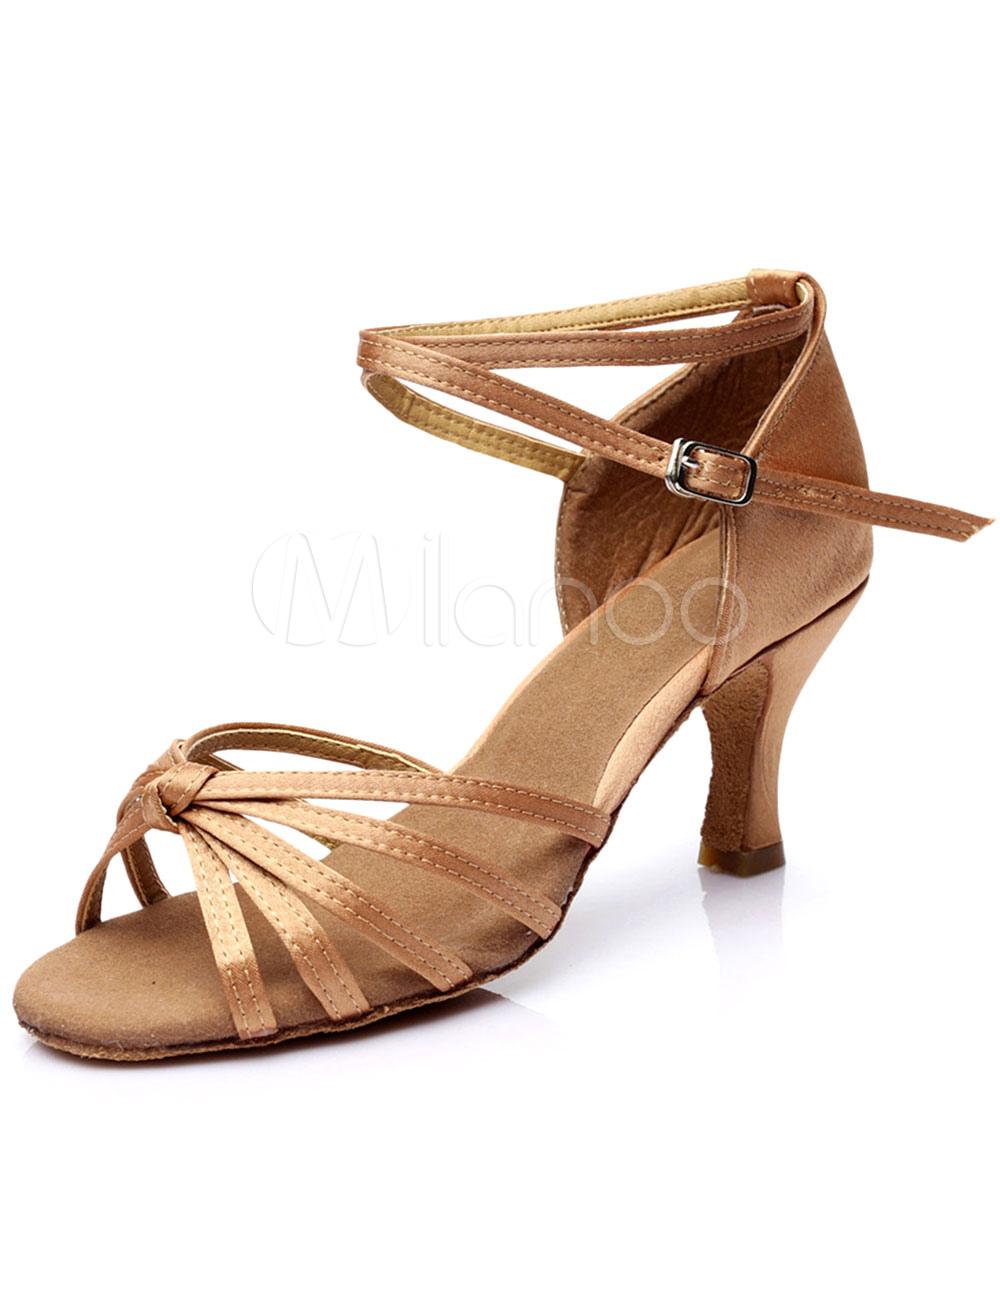 Zapatos de salón de satén color marrón oscuro para las mujeres TRywI7g9D